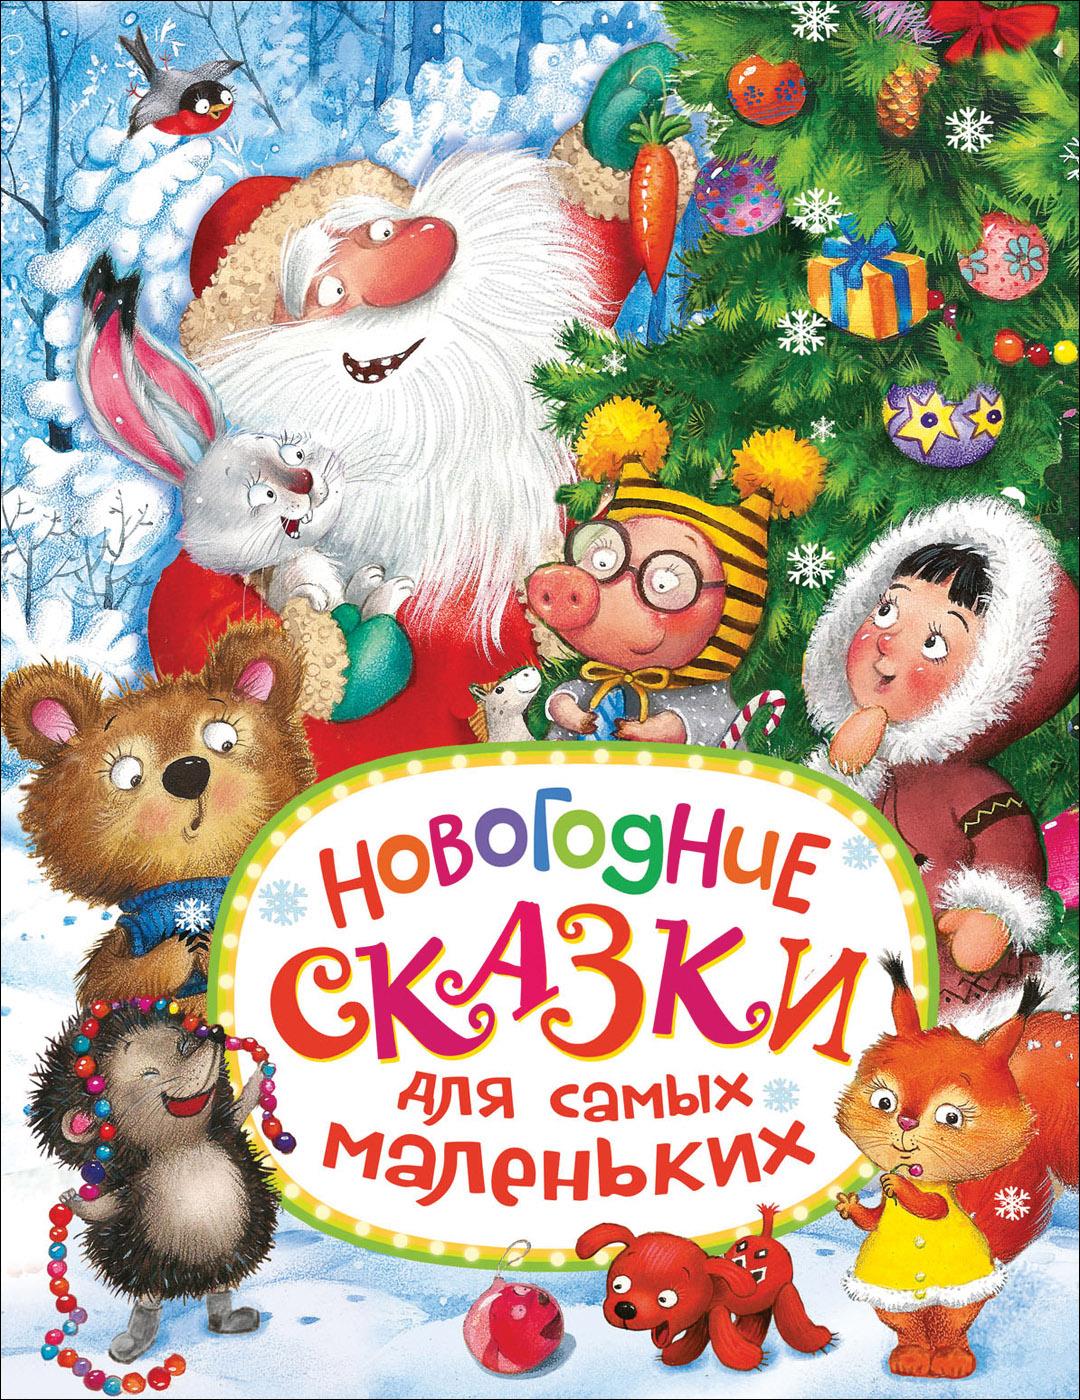 Новогодняя сказка для детей